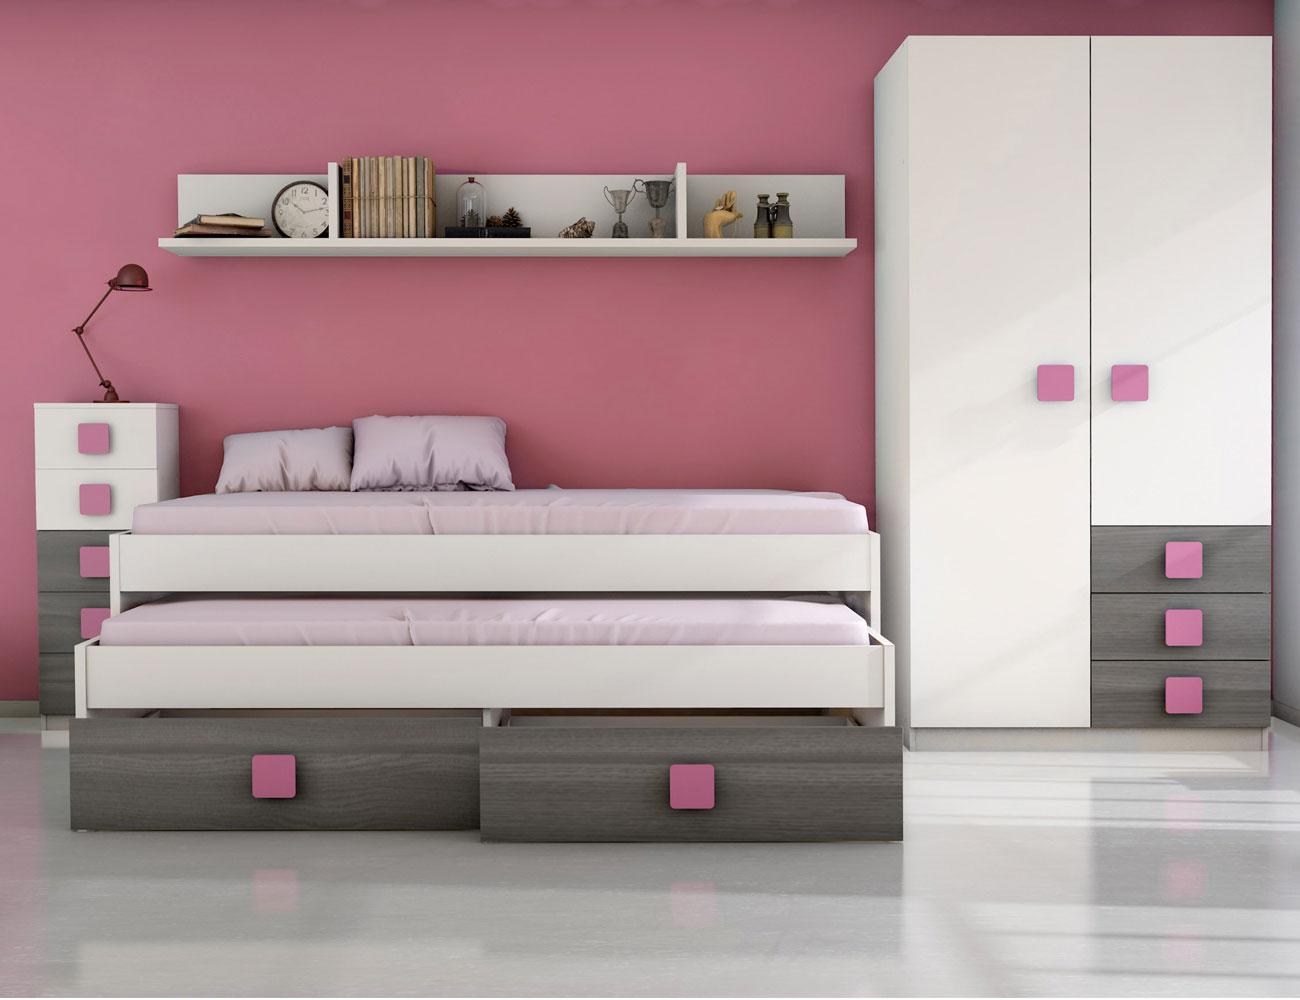 Dormitorio juvenil ceniza rosa5